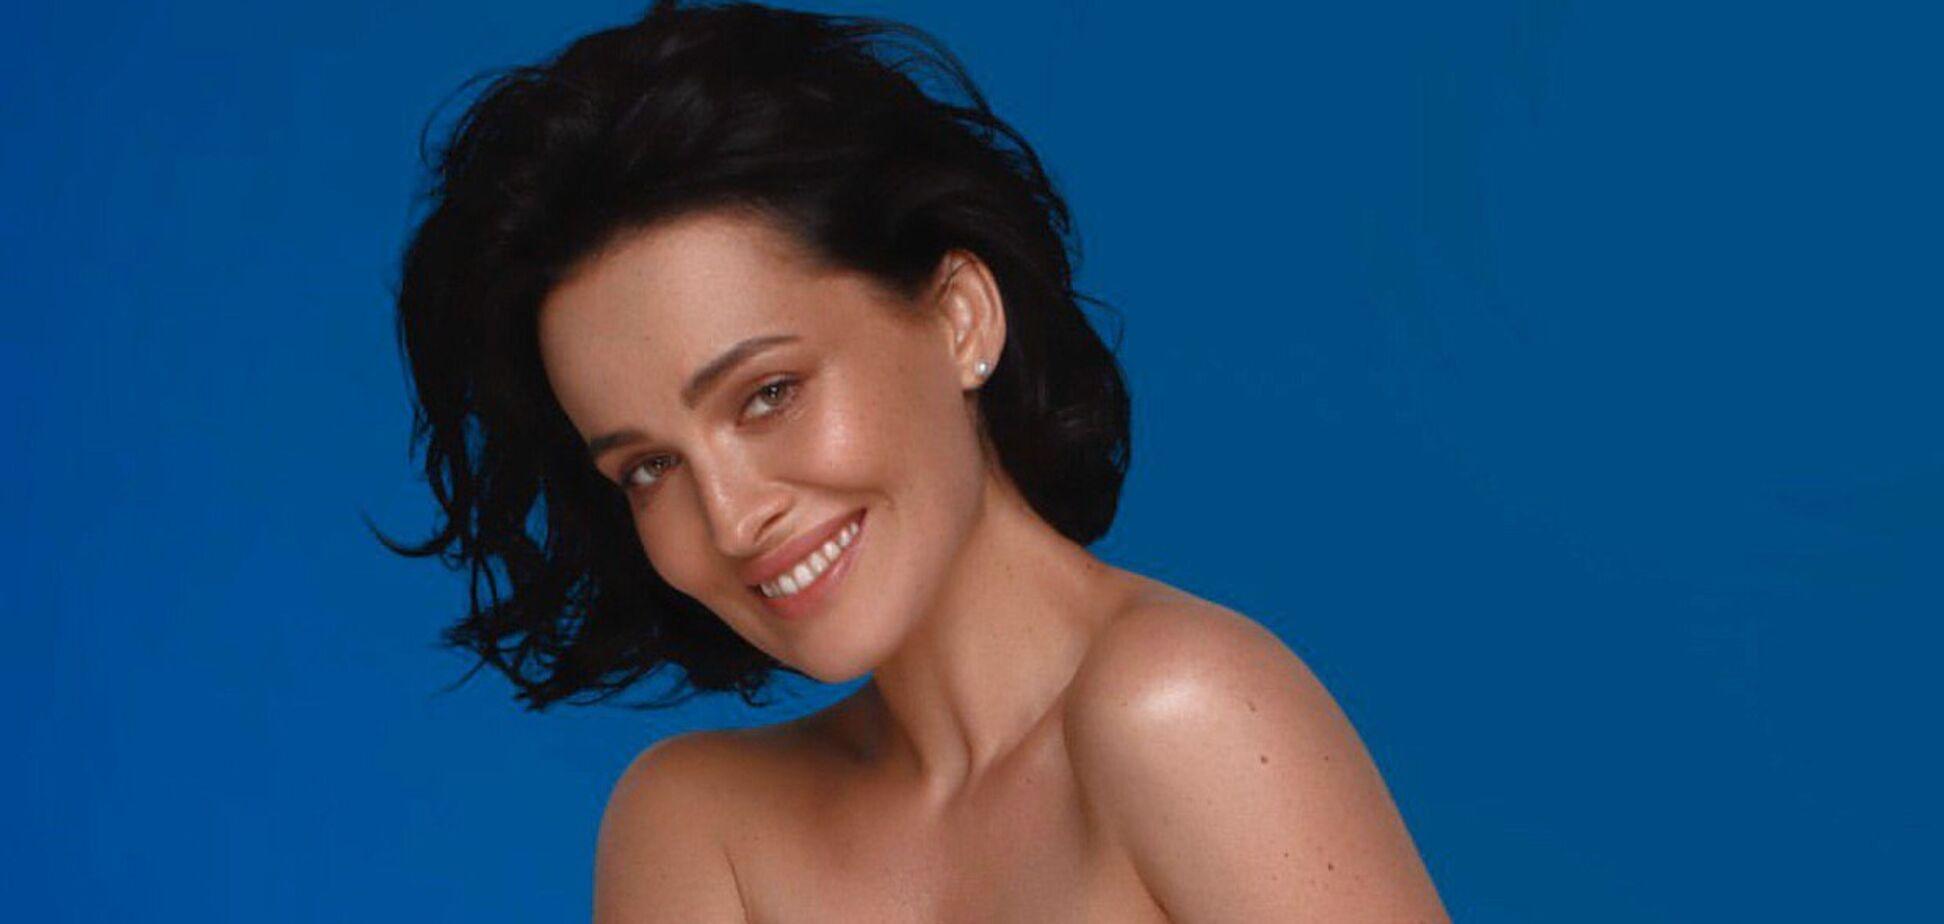 Астафьева засветила пышную грудь в откровенном боди: пикантное фото